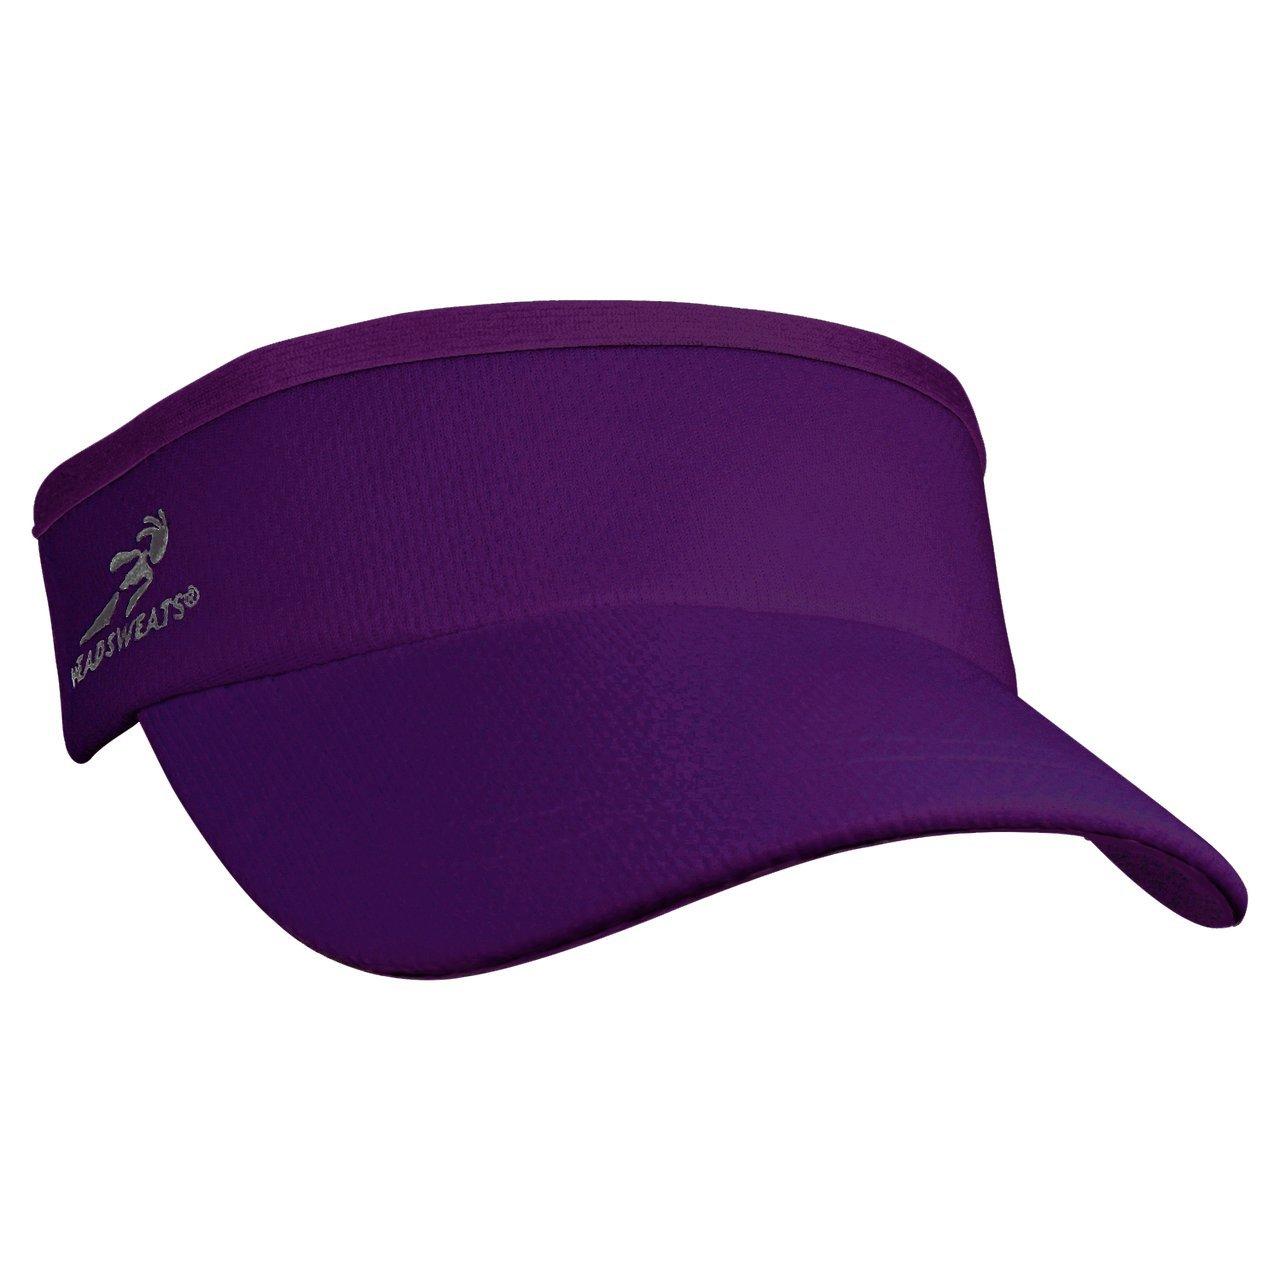 Headsweats 7703-842 Supervisor Sweat Band, Purple, One Size